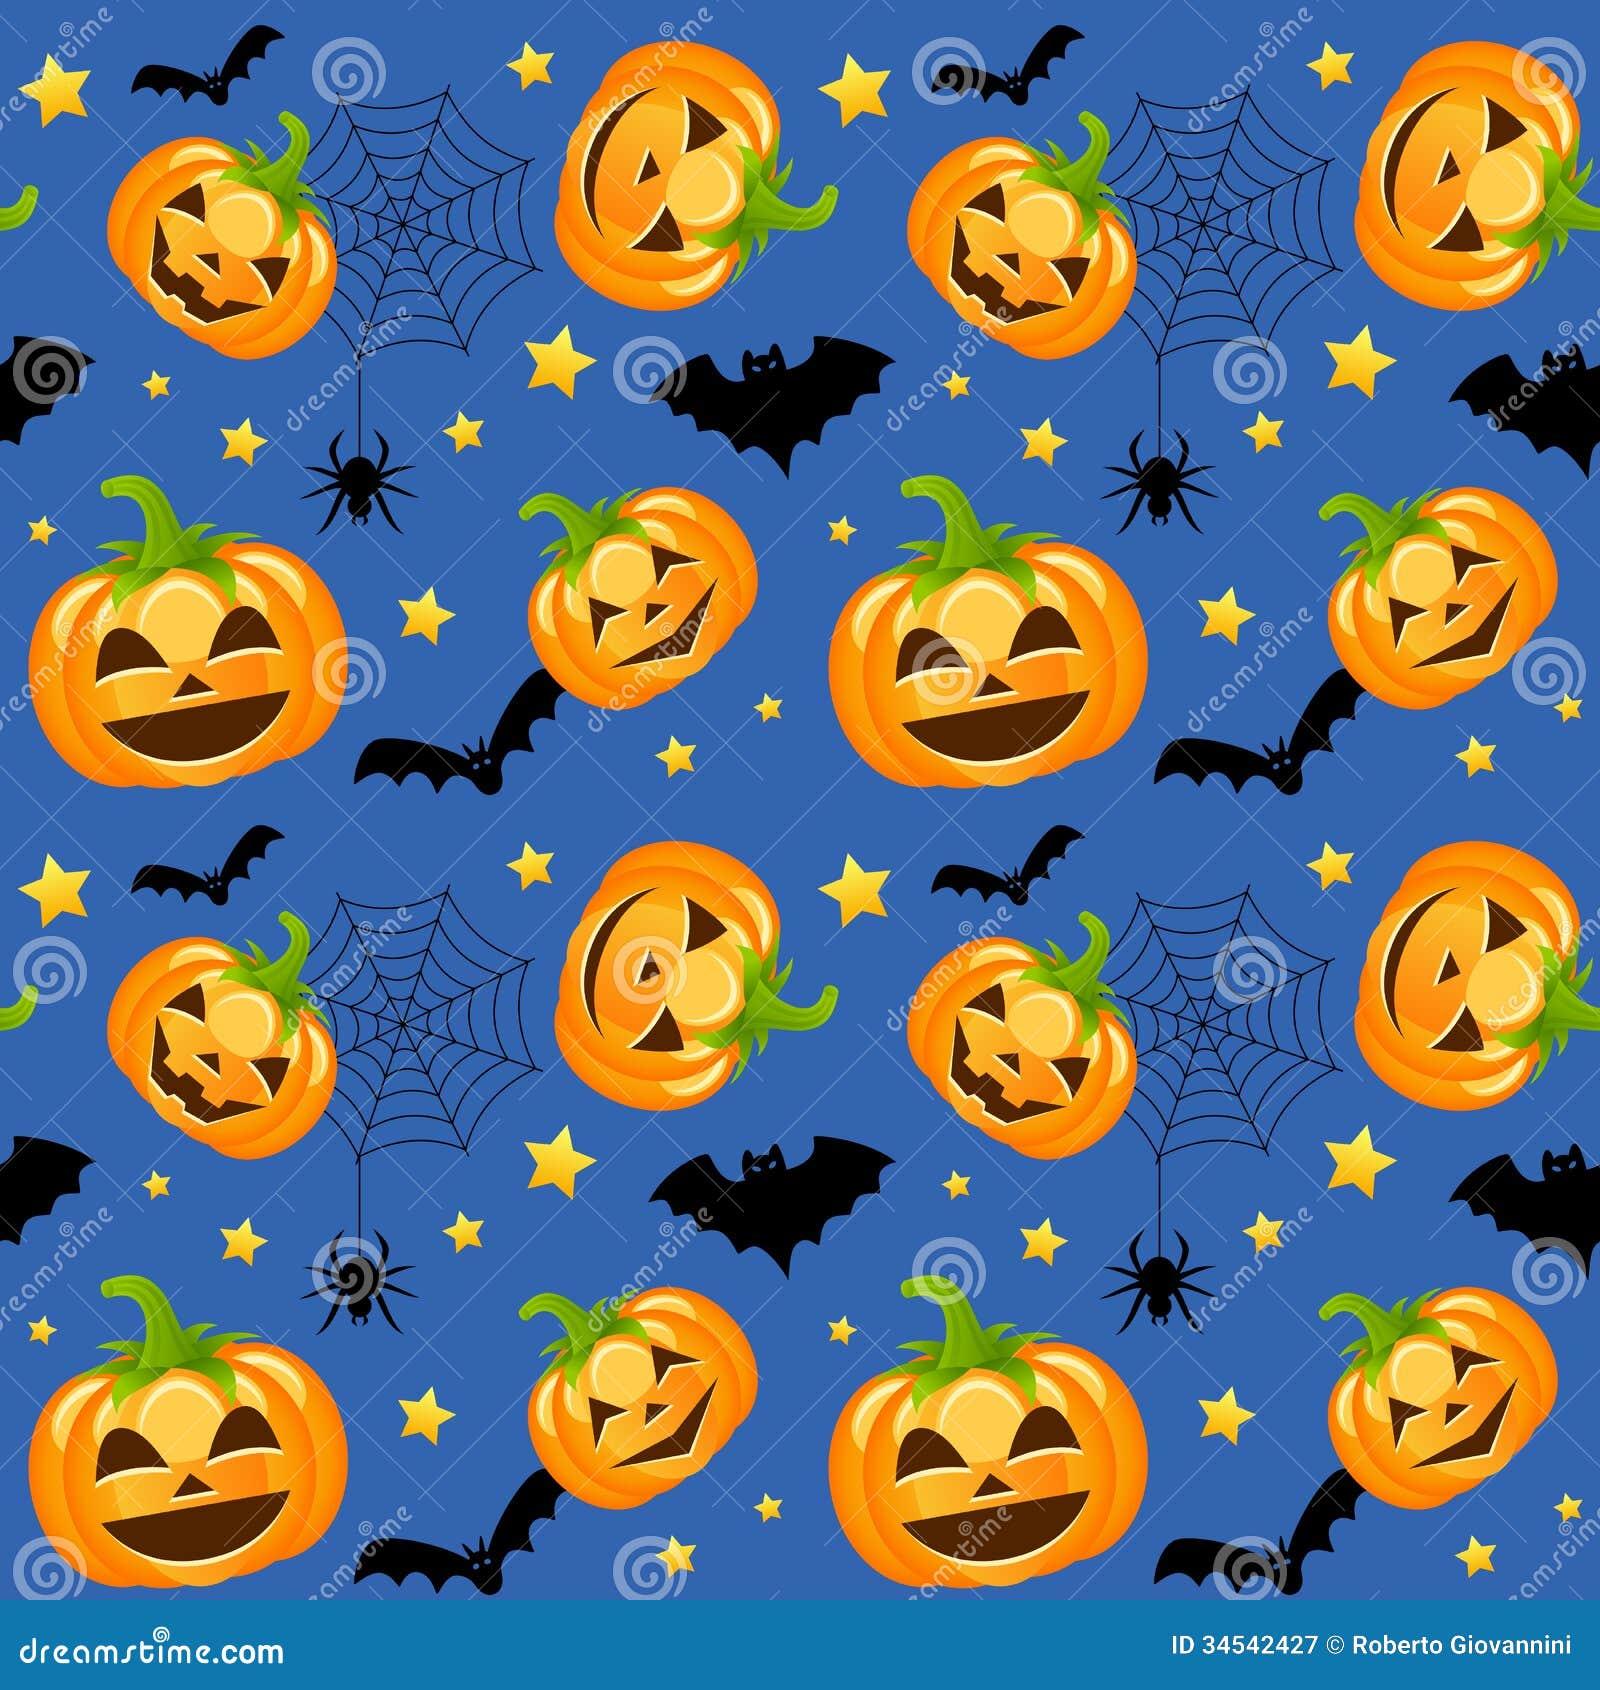 Halloween Pumpkins Seamless